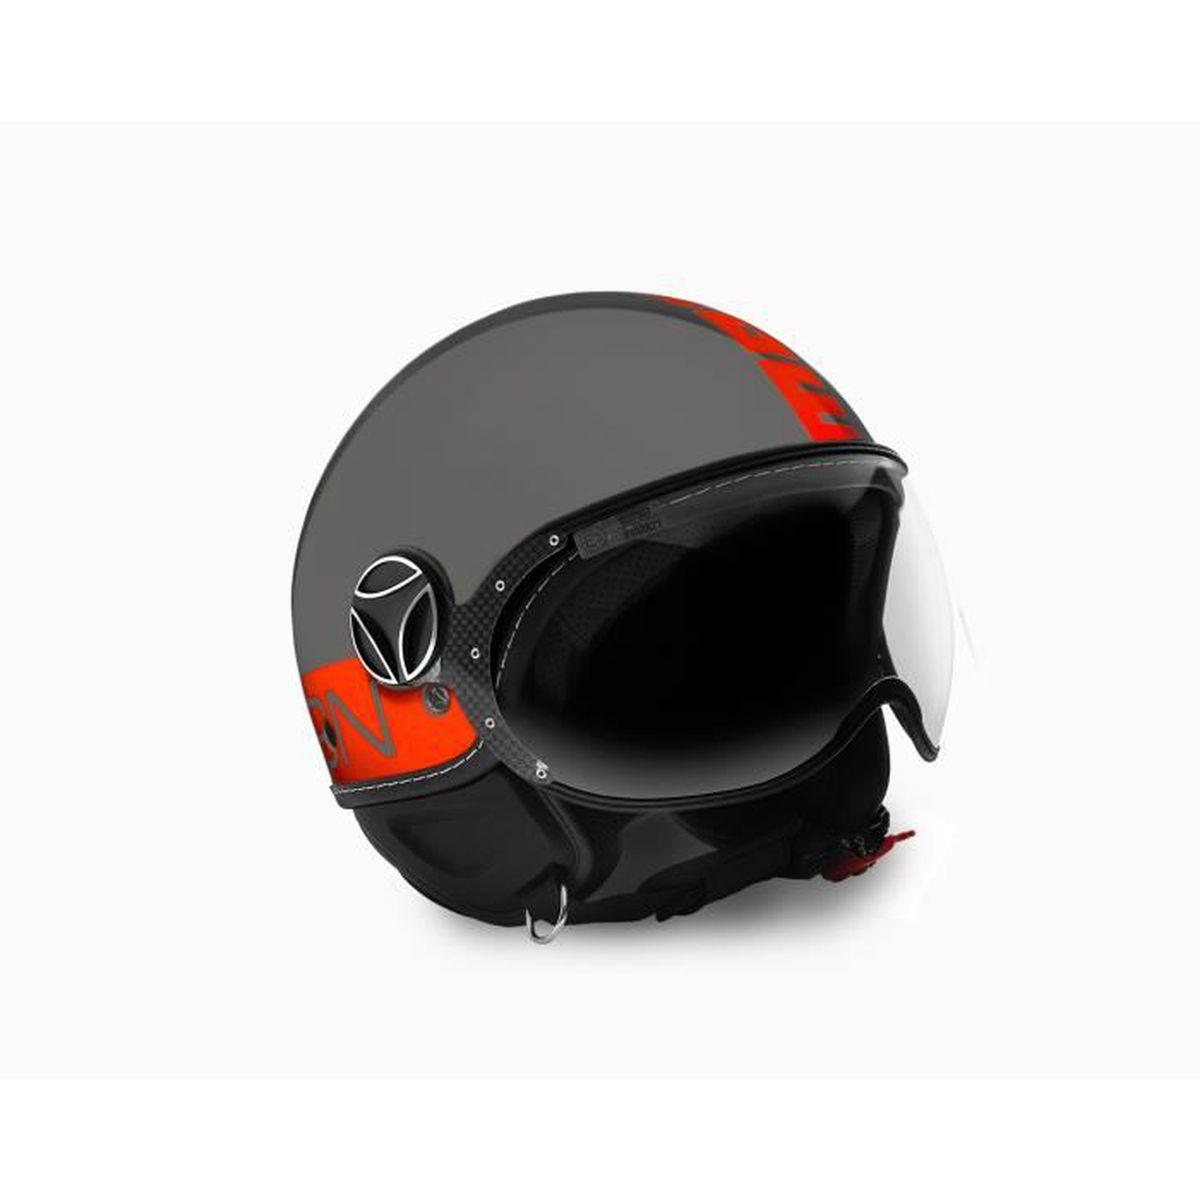 casque moto orange fluo achat vente casque moto orange fluo pas cher les soldes sur. Black Bedroom Furniture Sets. Home Design Ideas